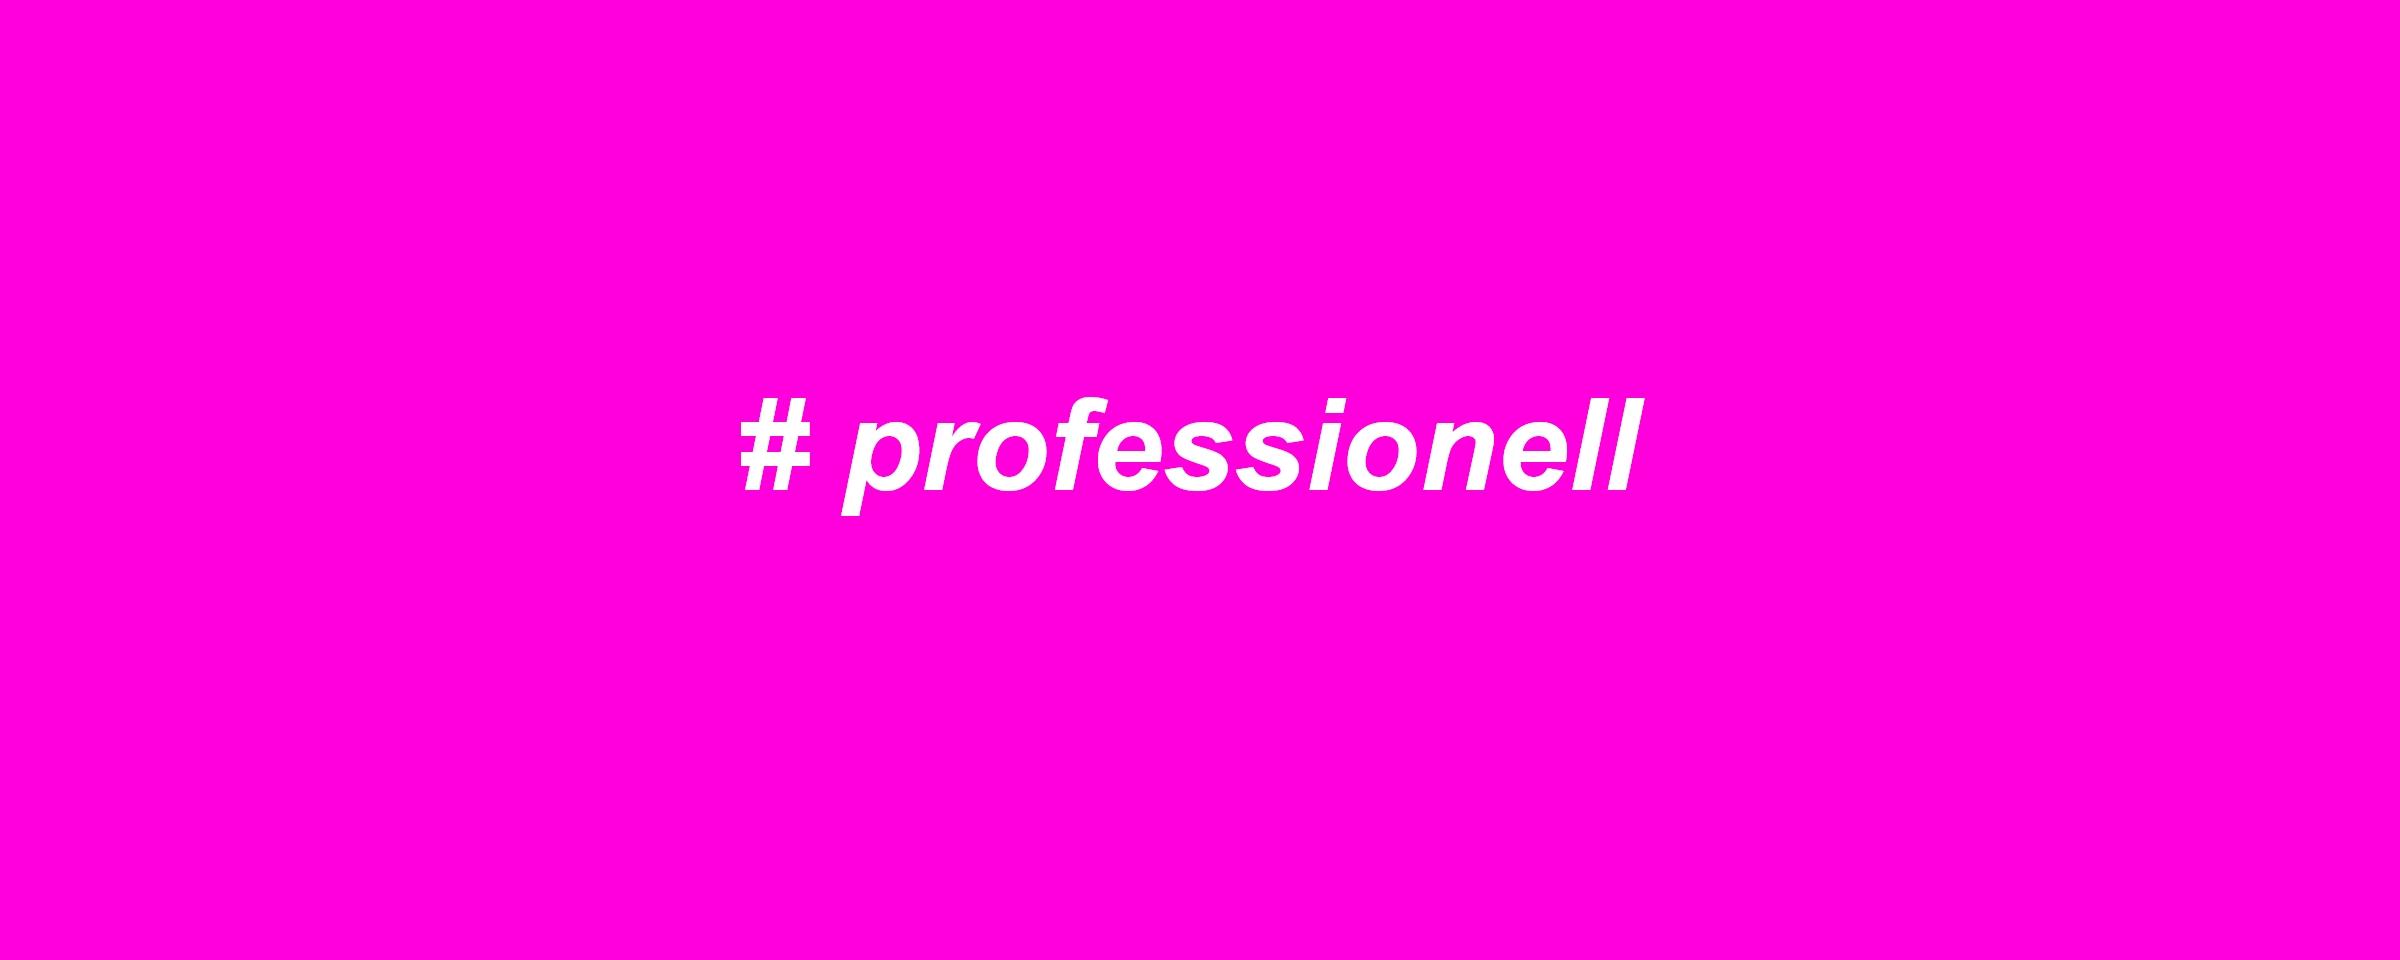 professionelle Website für bessere Online-Kommunikation